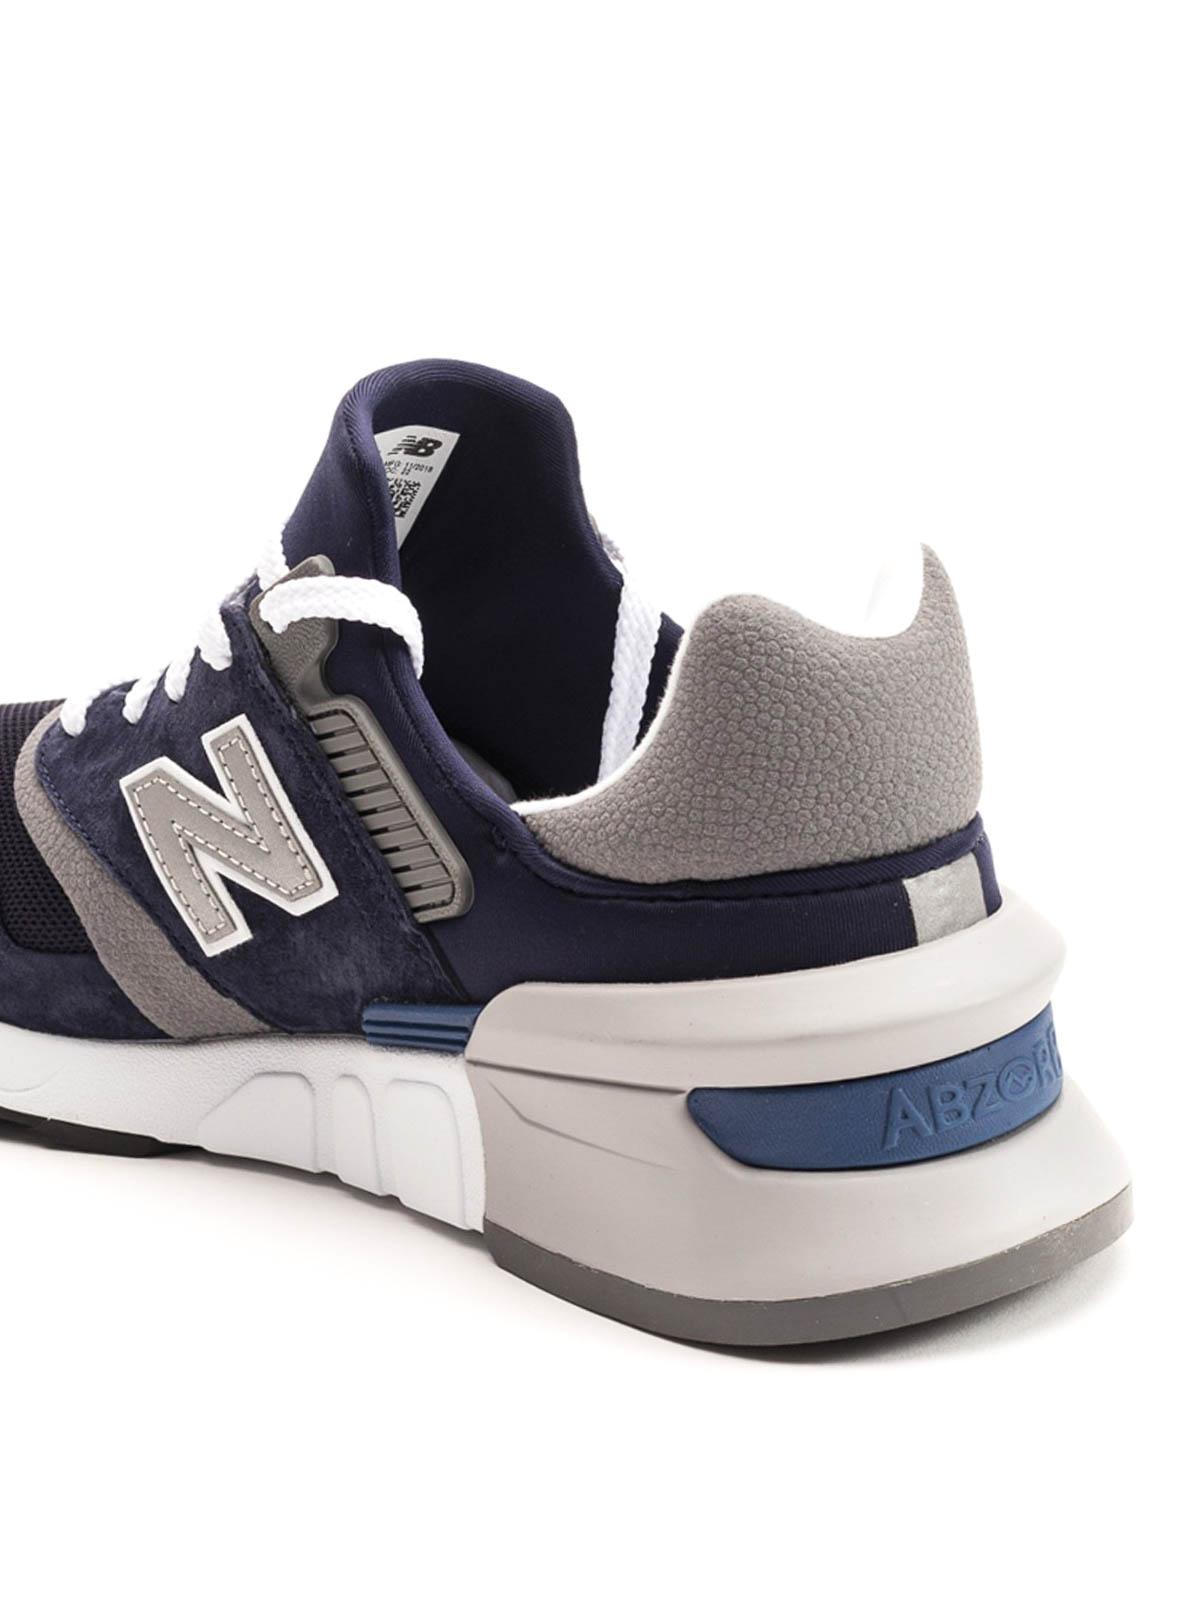 Shop New Balance 997 Sport Men's Shoes online | Foot